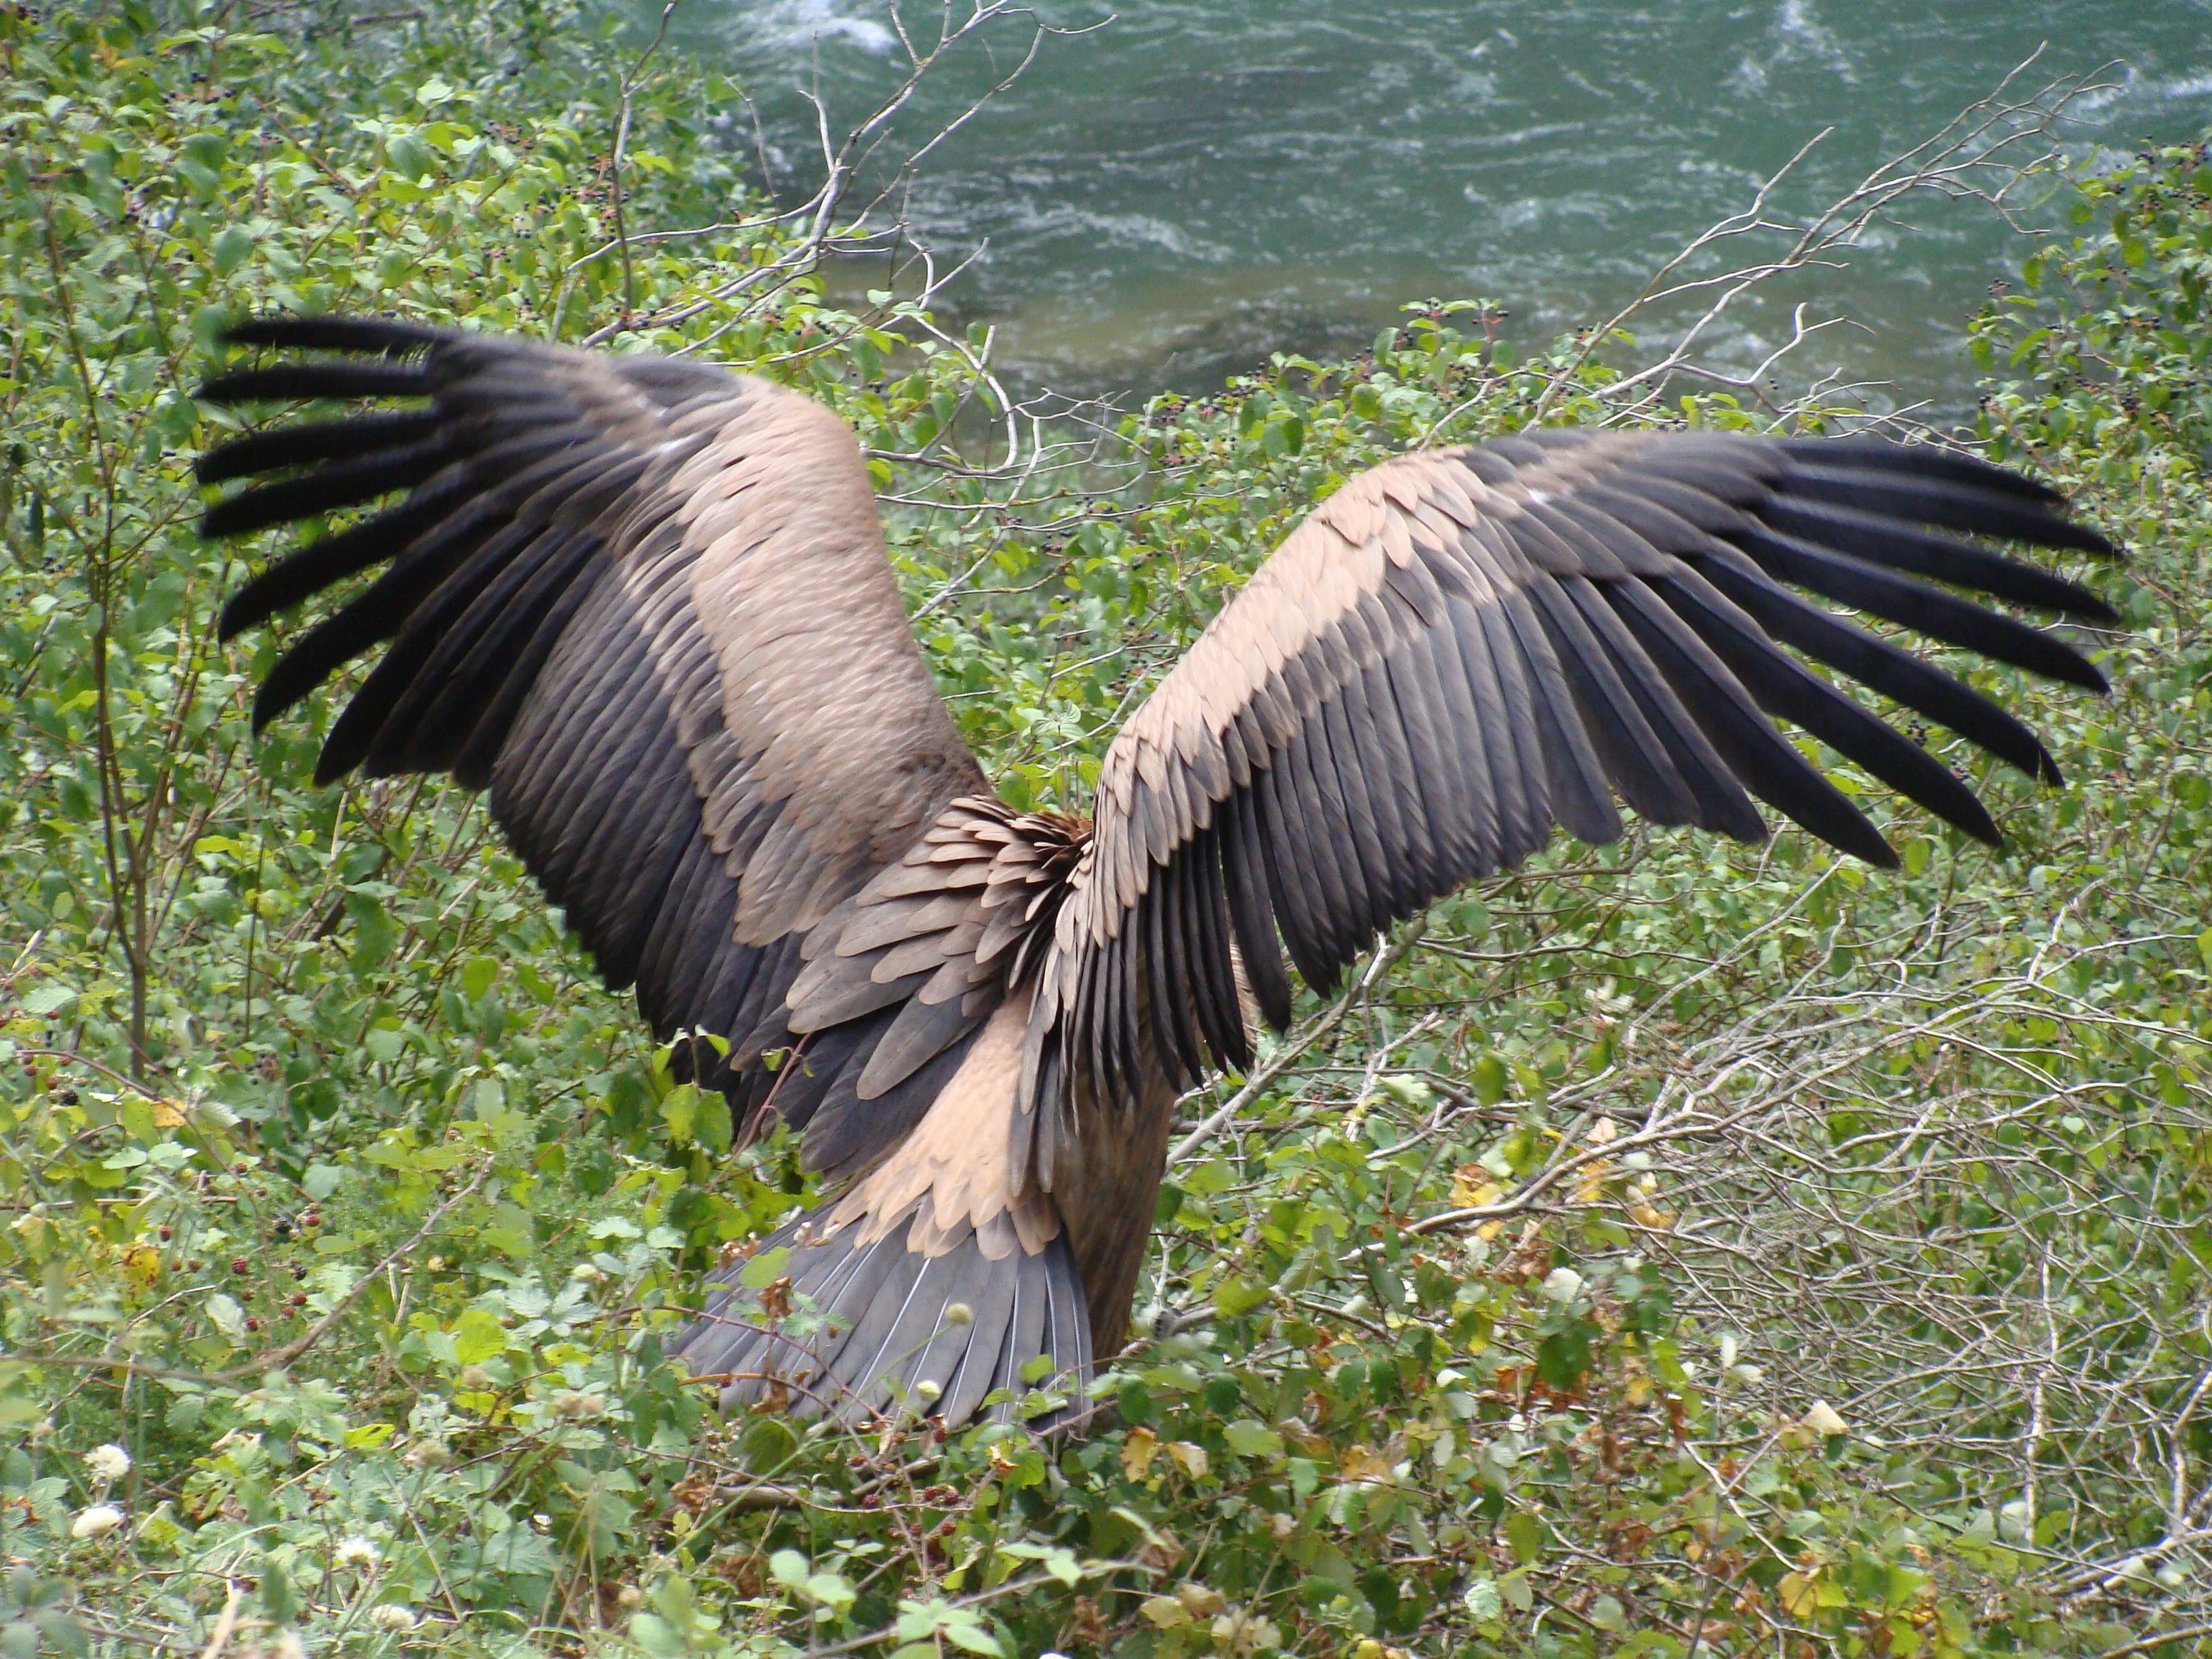 цвет крыло птицы фотографии так